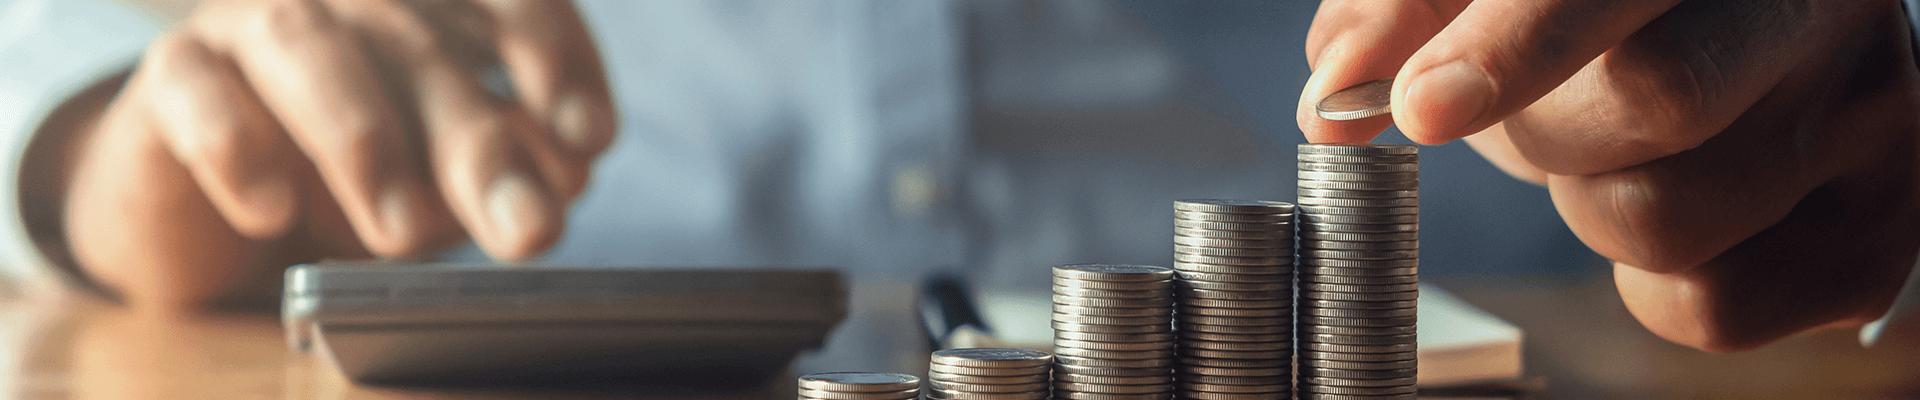 banner-retencion-segun-brecha-salarial